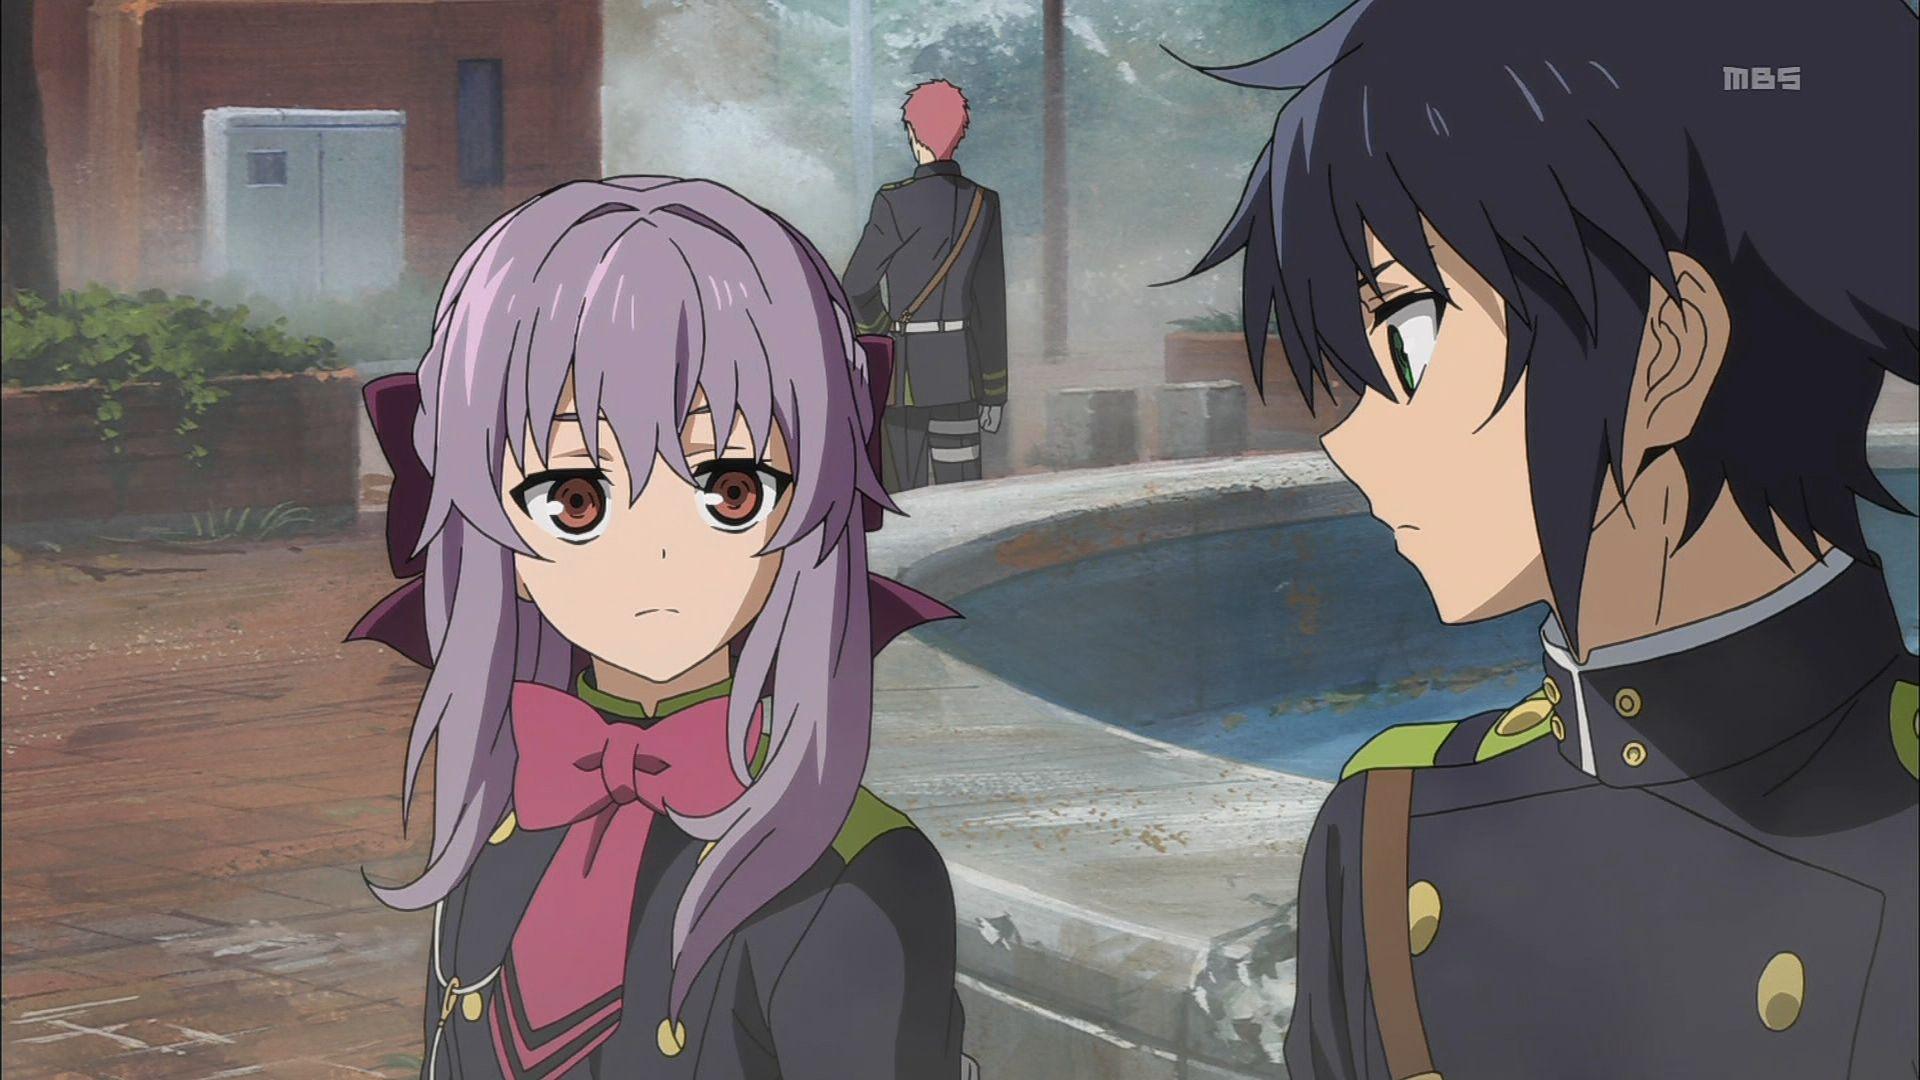 【画像】終わりのセラフの柊シノアちゃんのふとももエロすぎwwwww